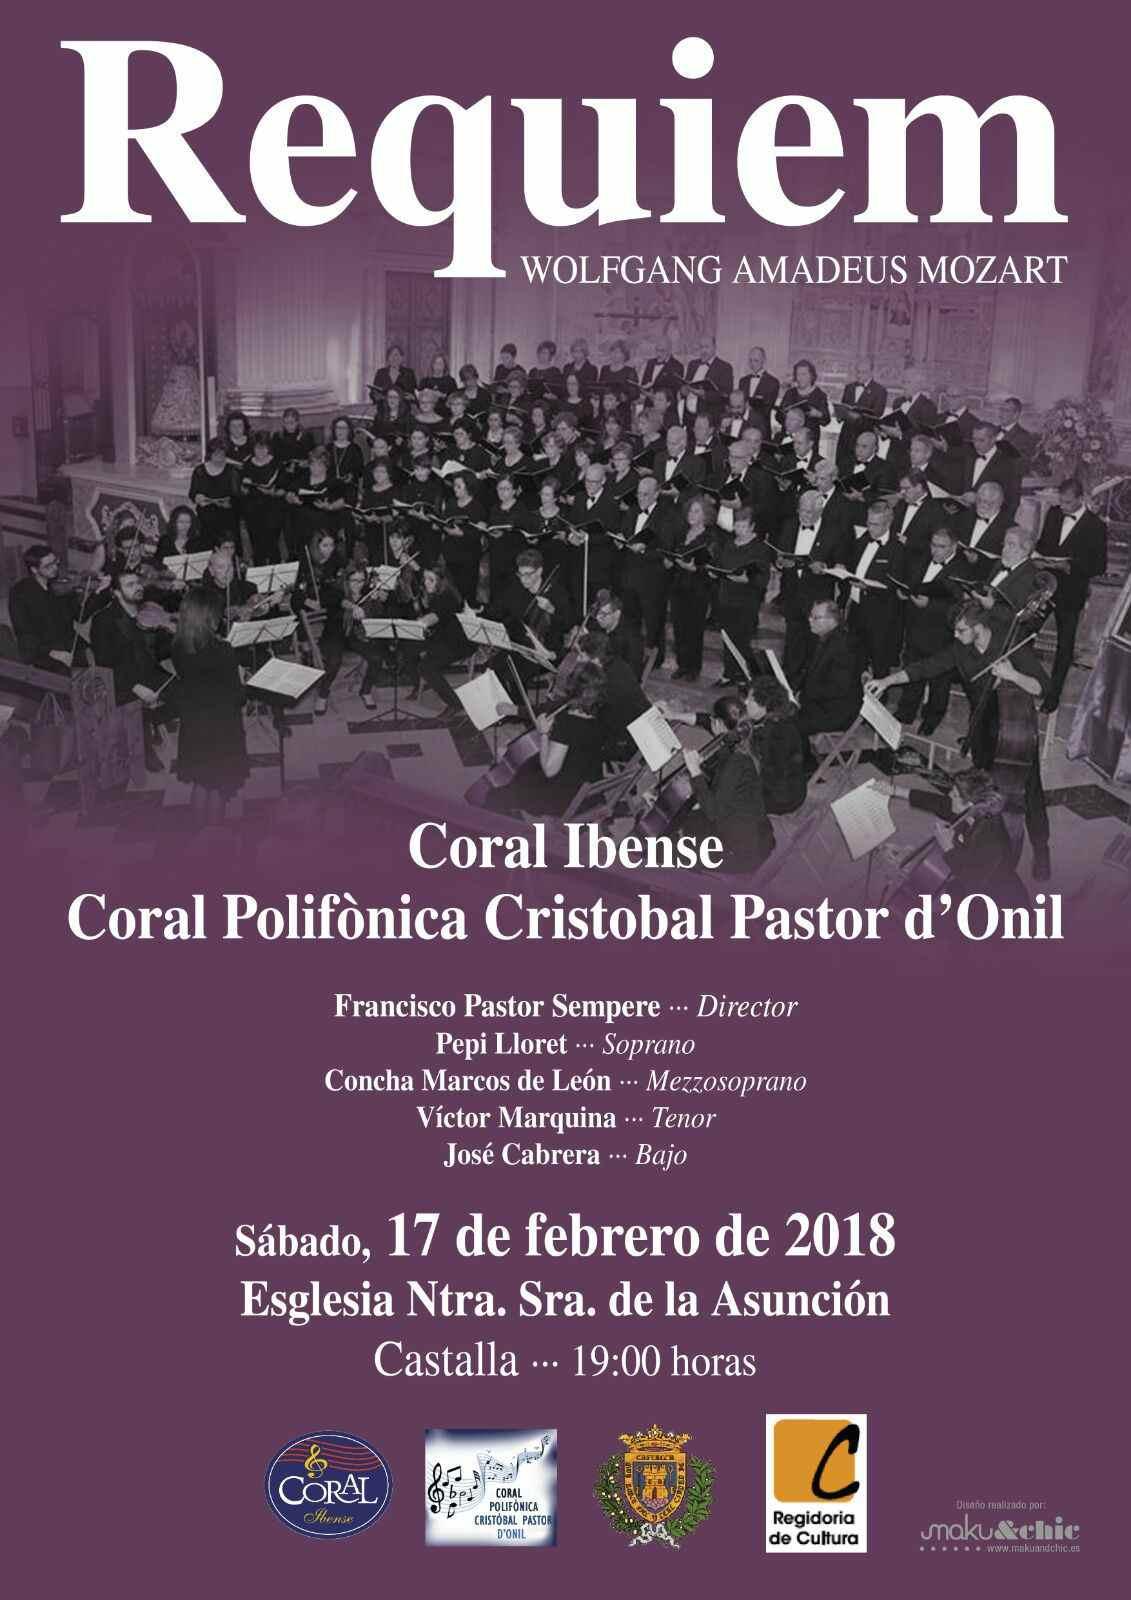 El sábado 17 de febrero, las corales de Onil e Ibi y la Camerata de la Foia interpretan el 'Réquiem' de Mozart en la Iglesia de Castalla